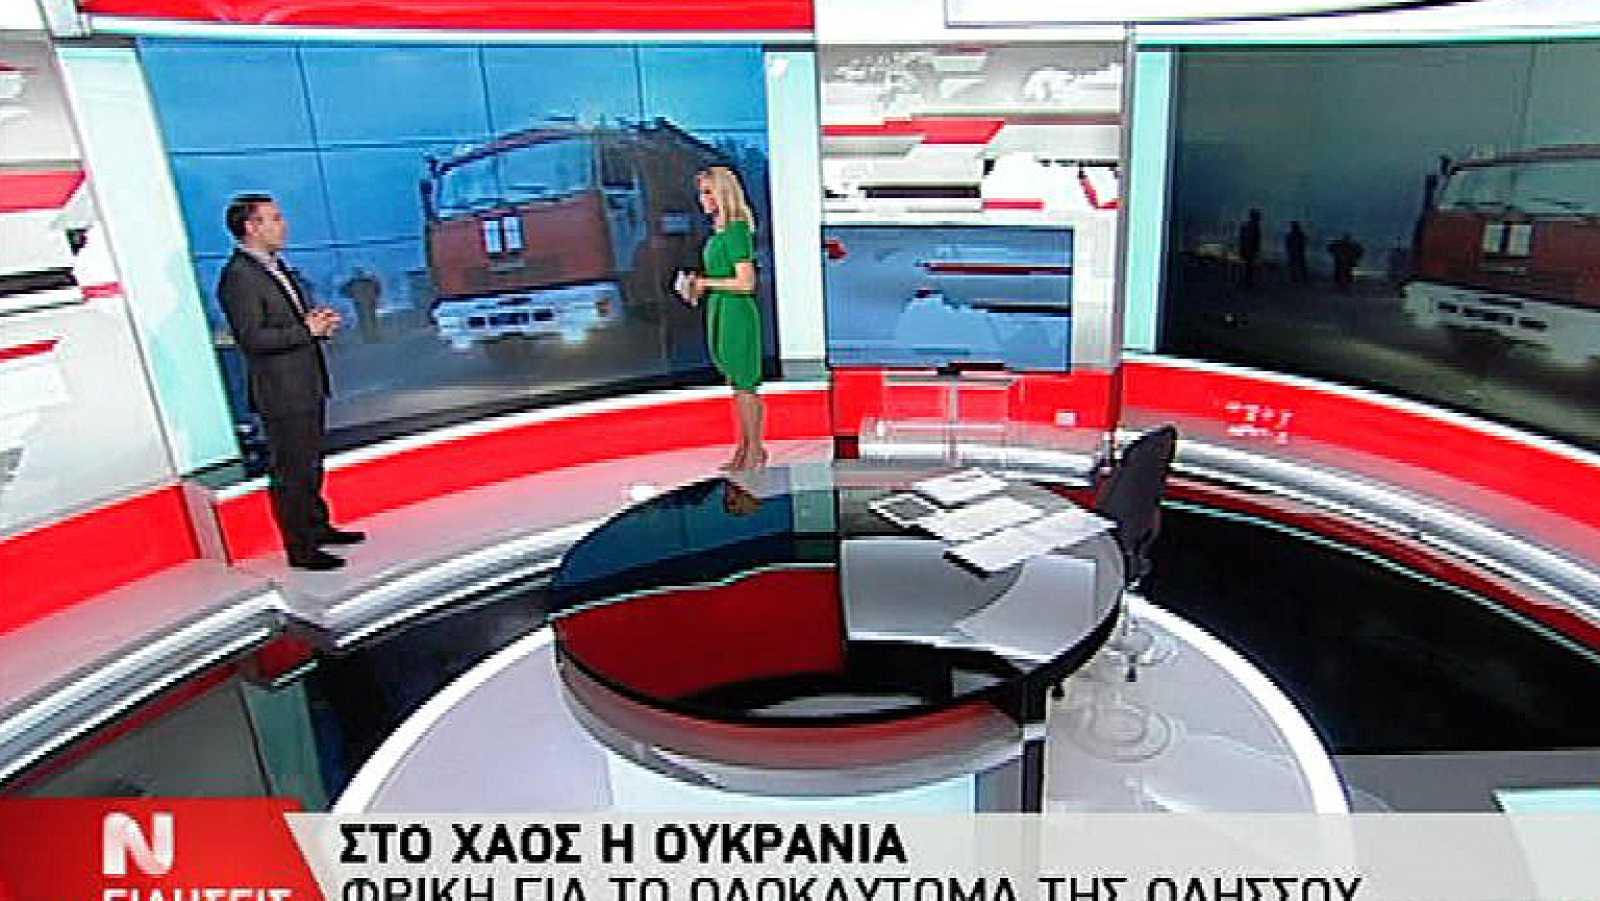 Arranca la emisión de la nueva televisión pública griega